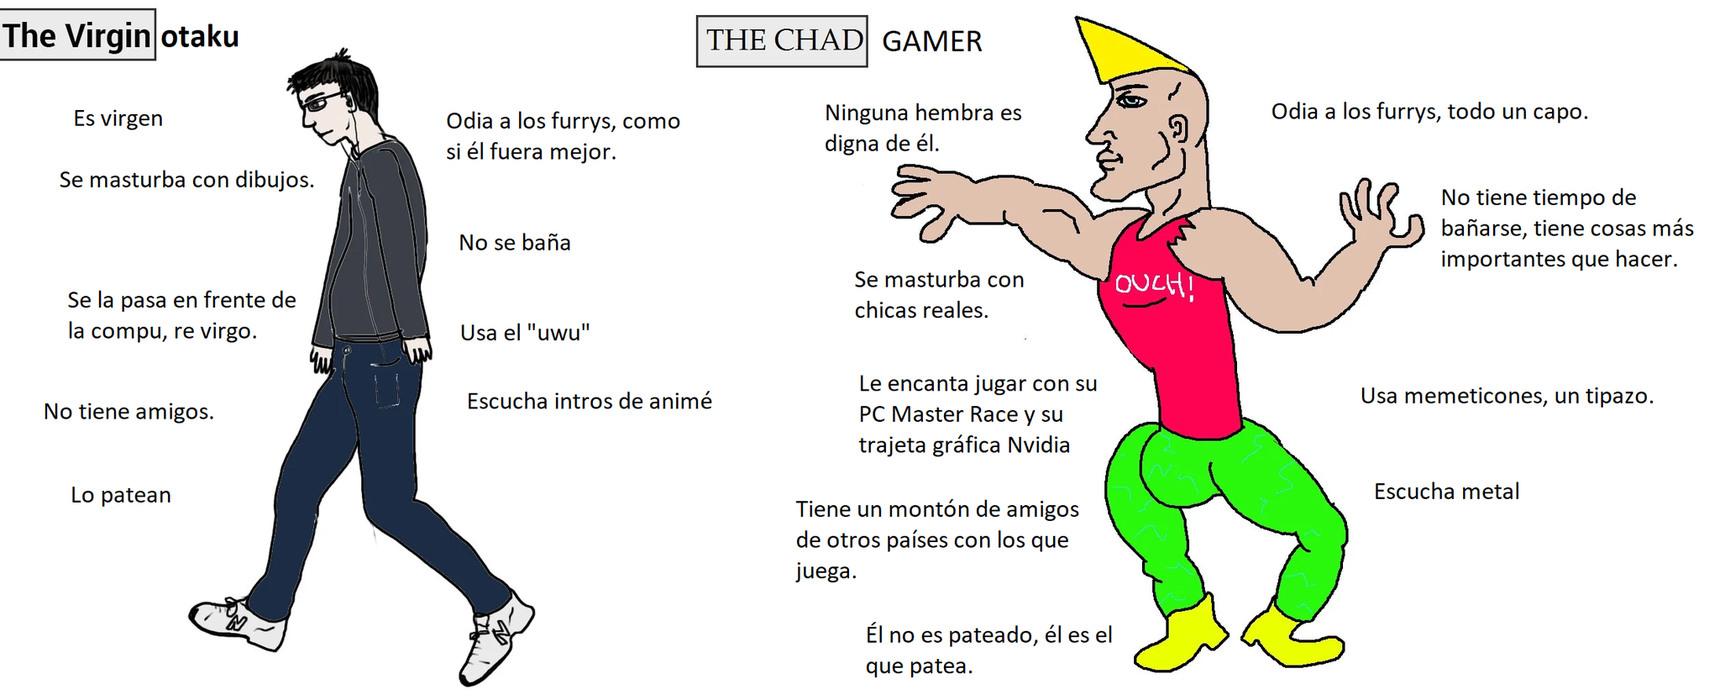 Un capo, el gaymer - meme